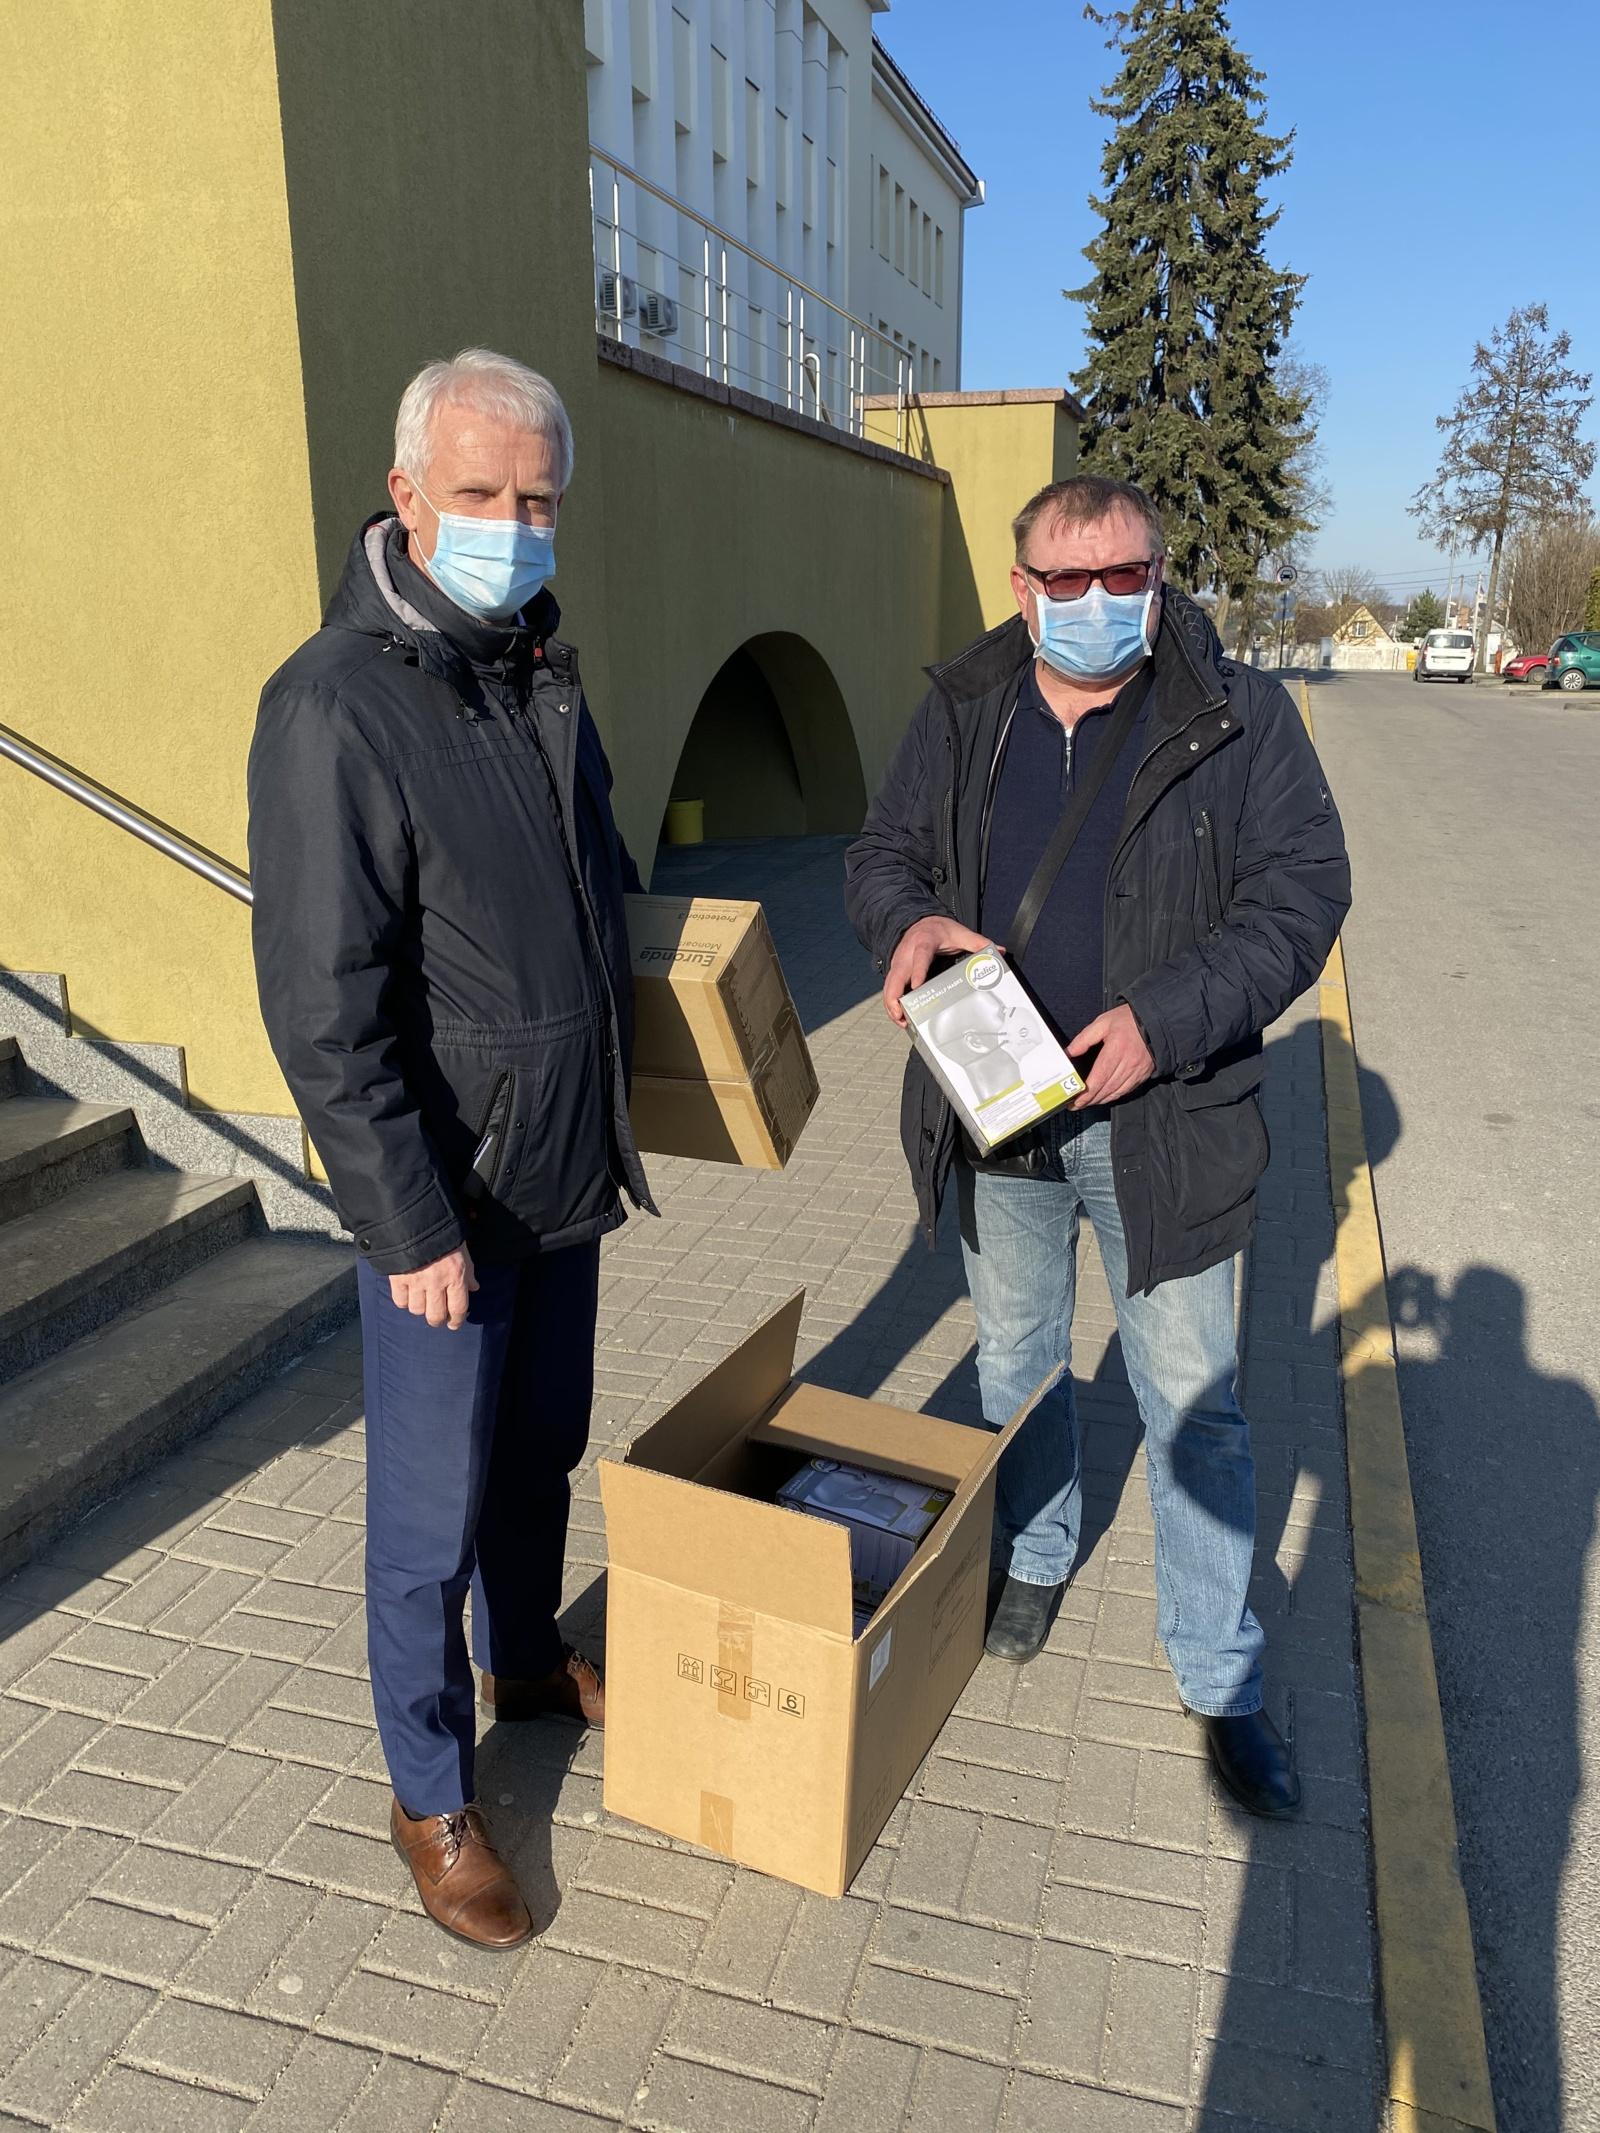 Šiaulių pramonininkų asociacija kartu su LPK prisideda prie paramos medikams